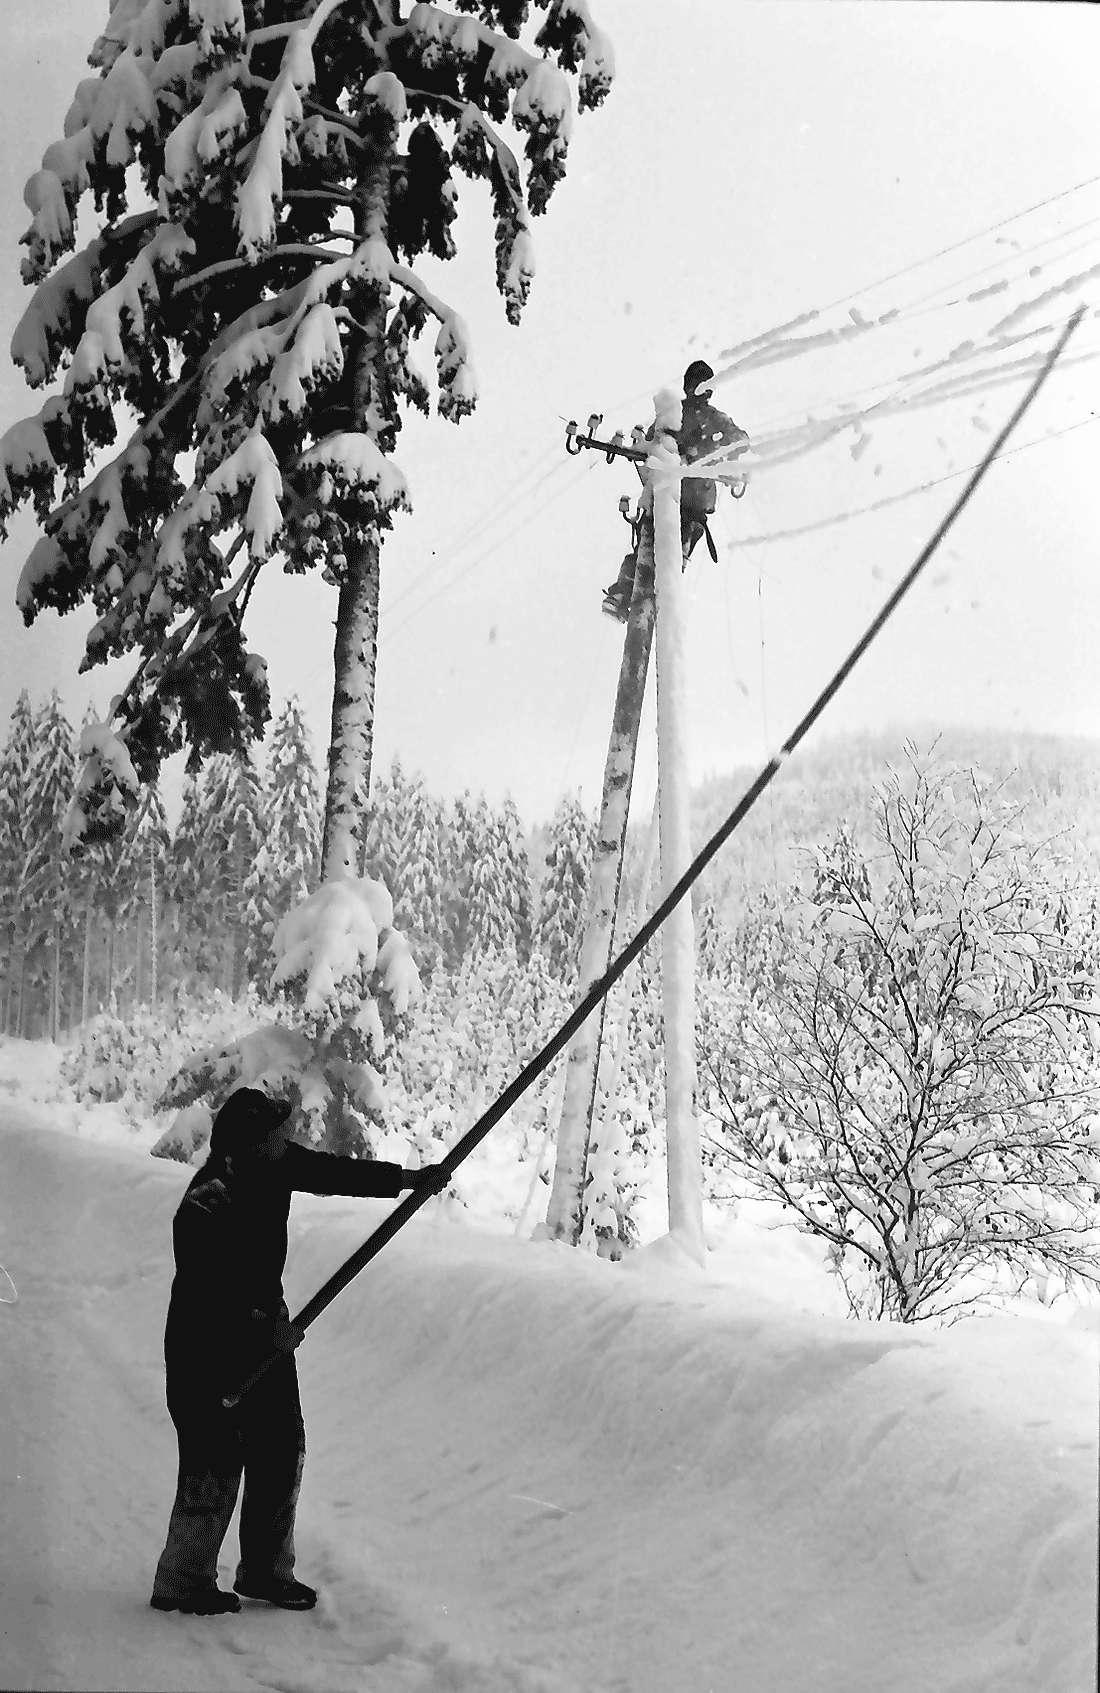 St. Blasien - Todtmoos: Straße; Bautrupp beseitigt Schneeschäden an Telefonleitungen; Entfernen des Eises mit Stange von Telefondrähten, Bild 1